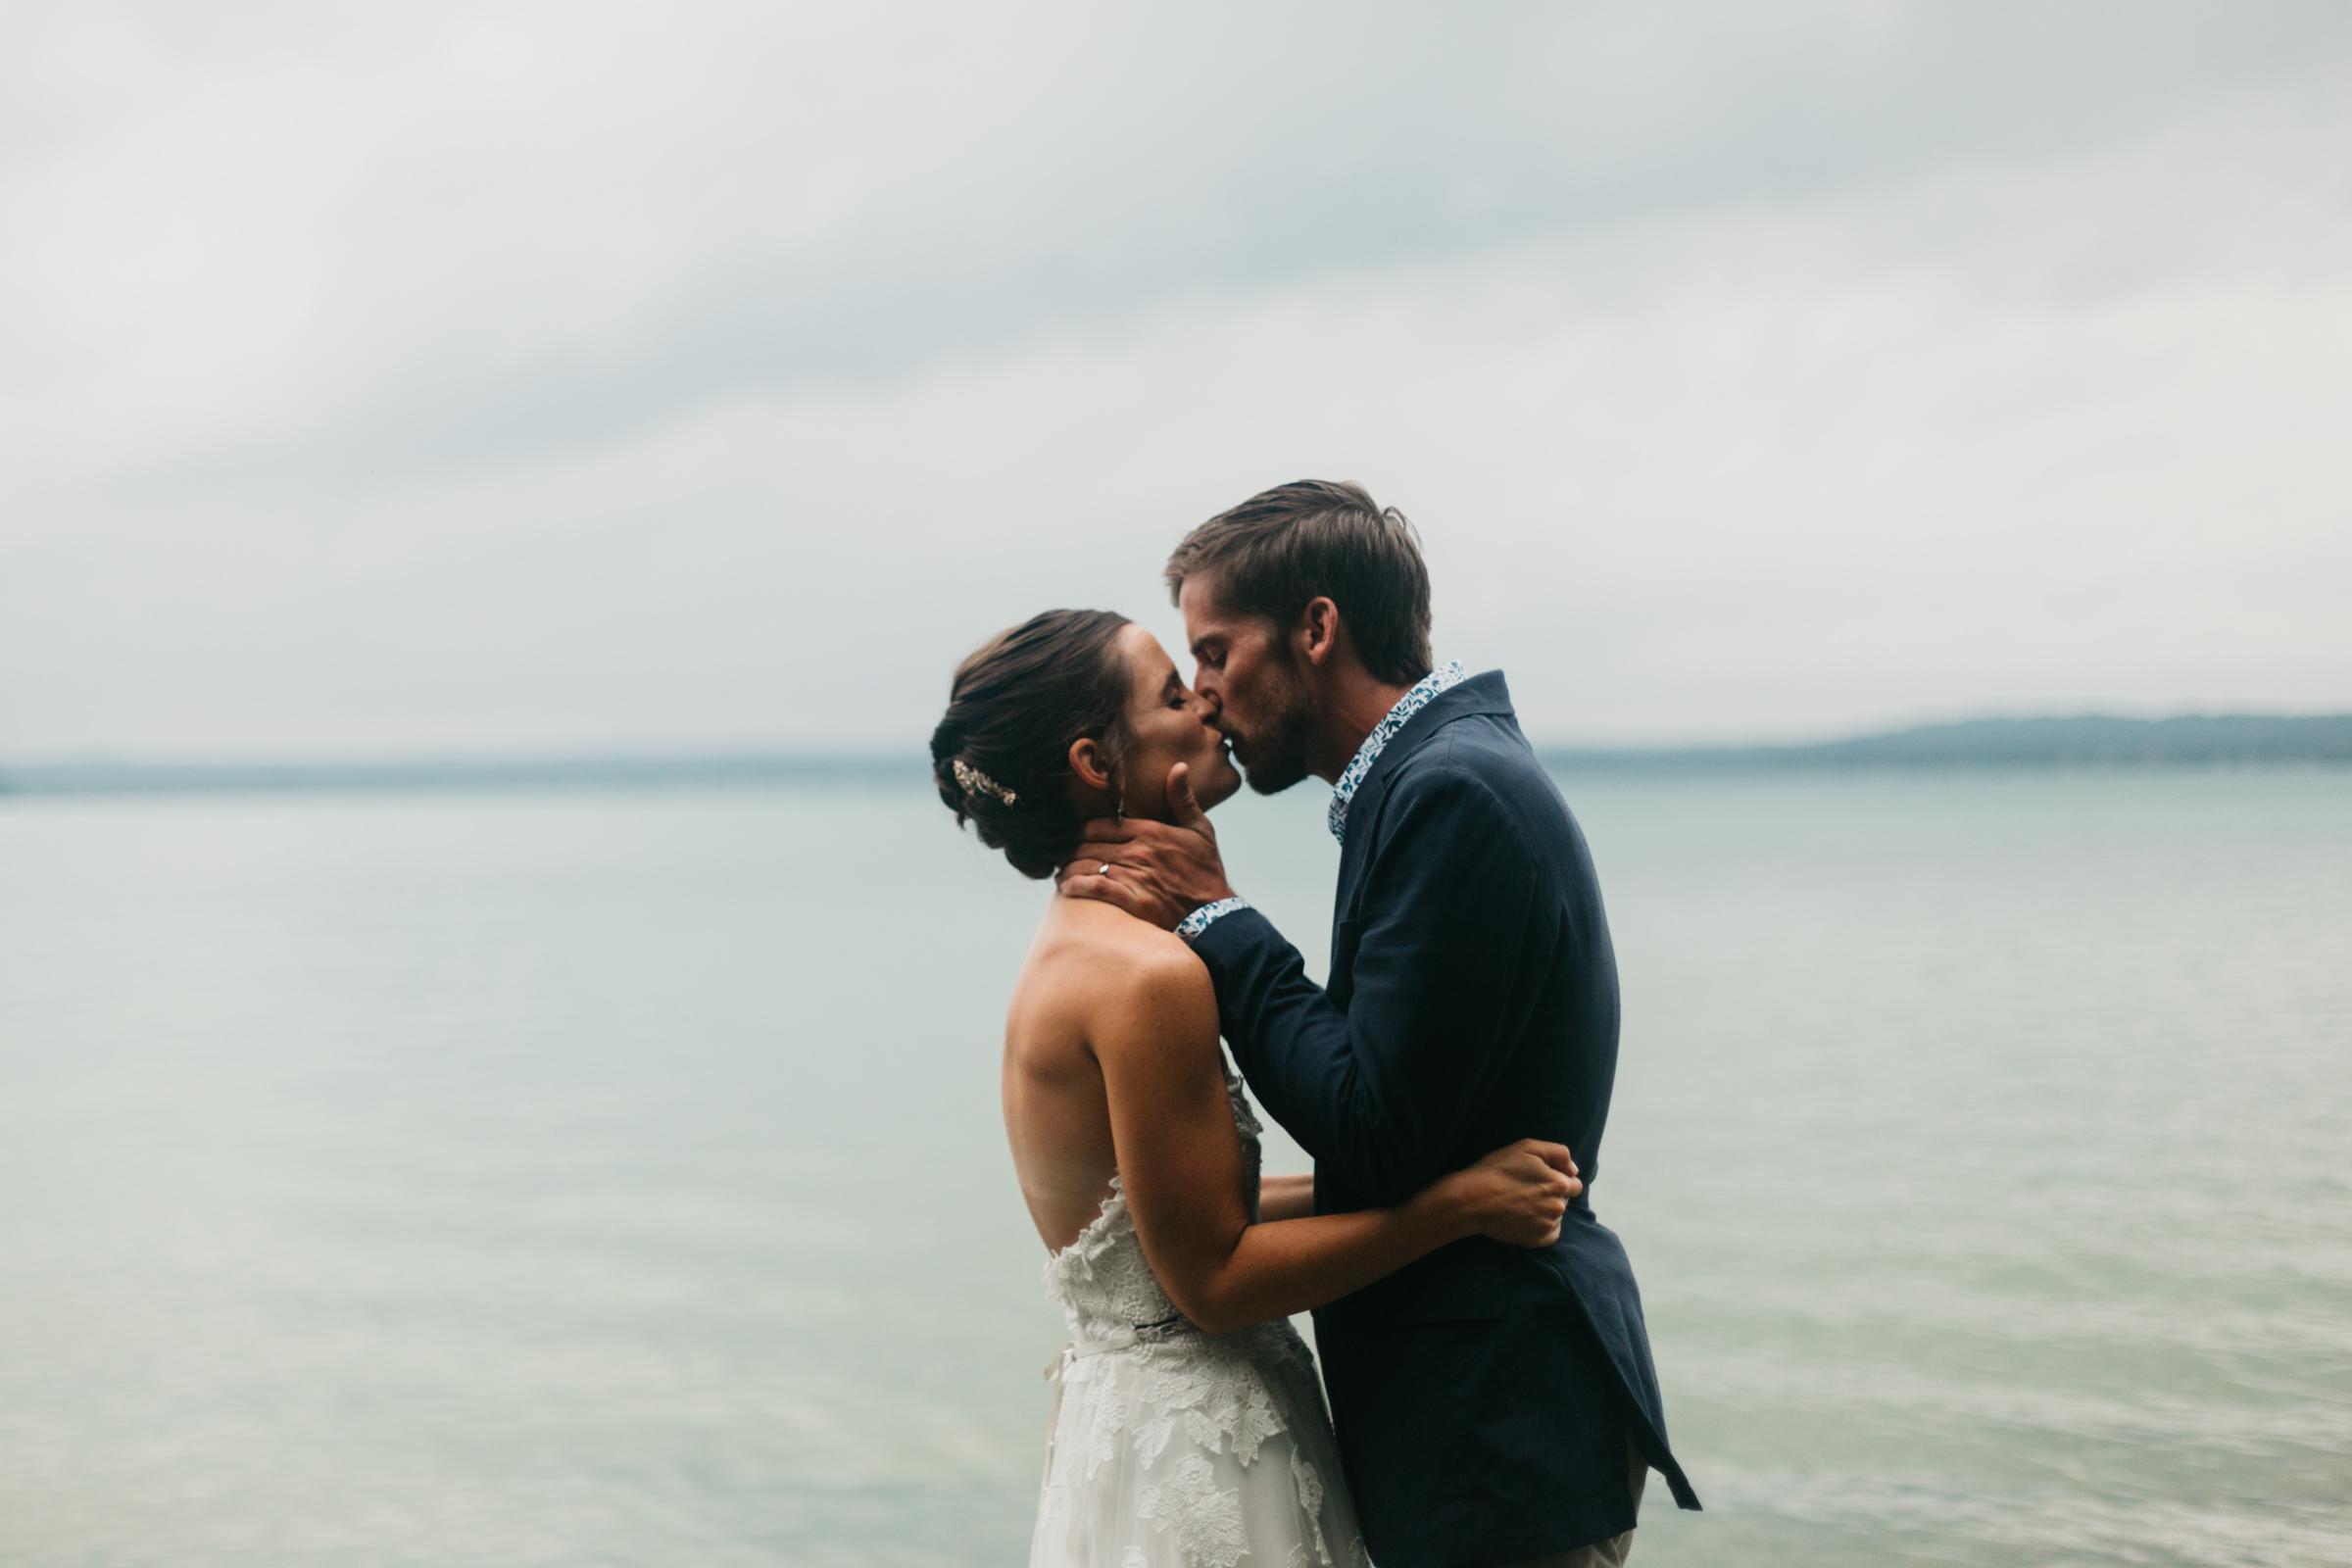 Lake_Michigan_wedding-34.jpg